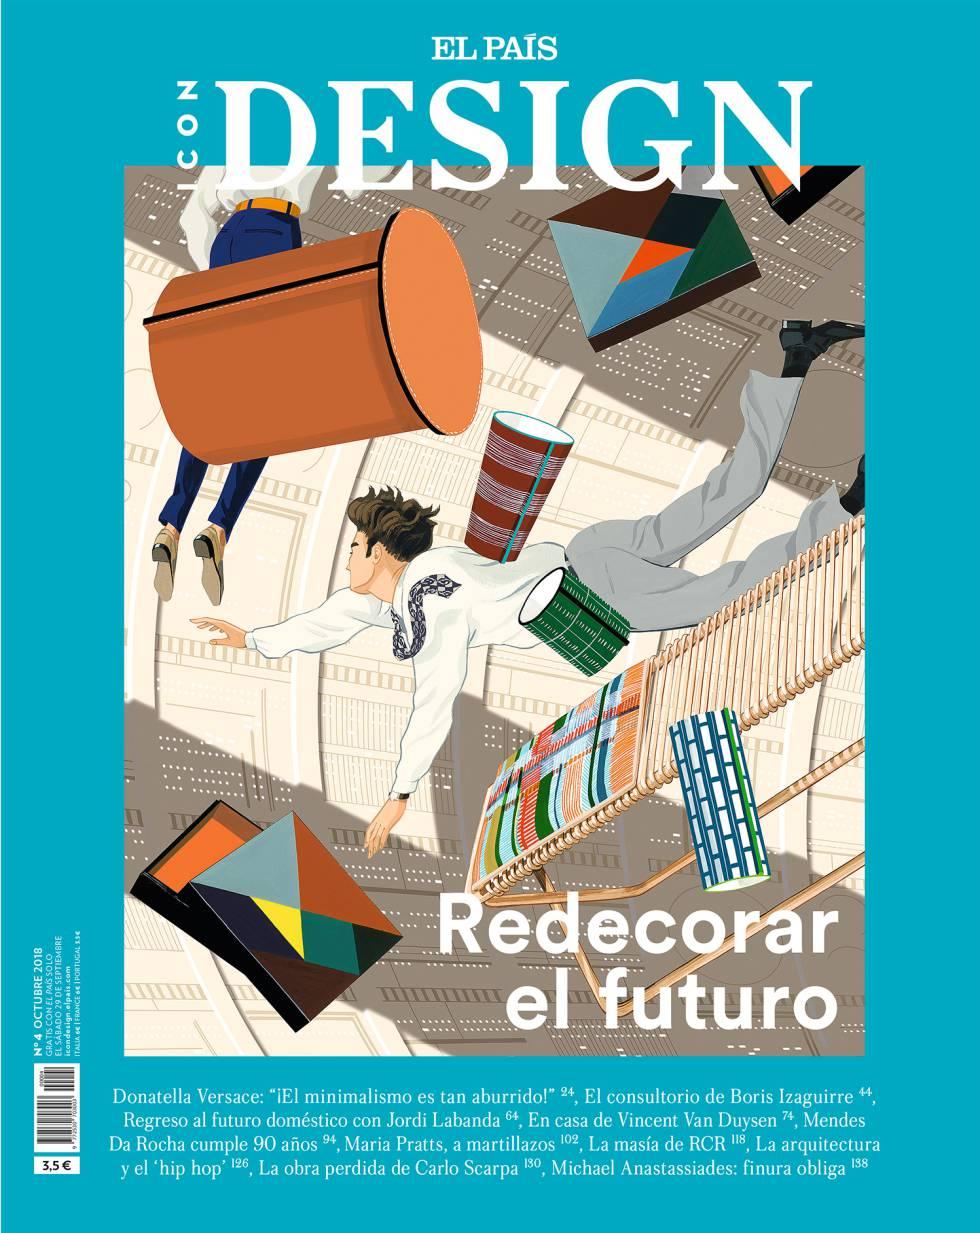 ICON DESIGN FEATURE - PRINT